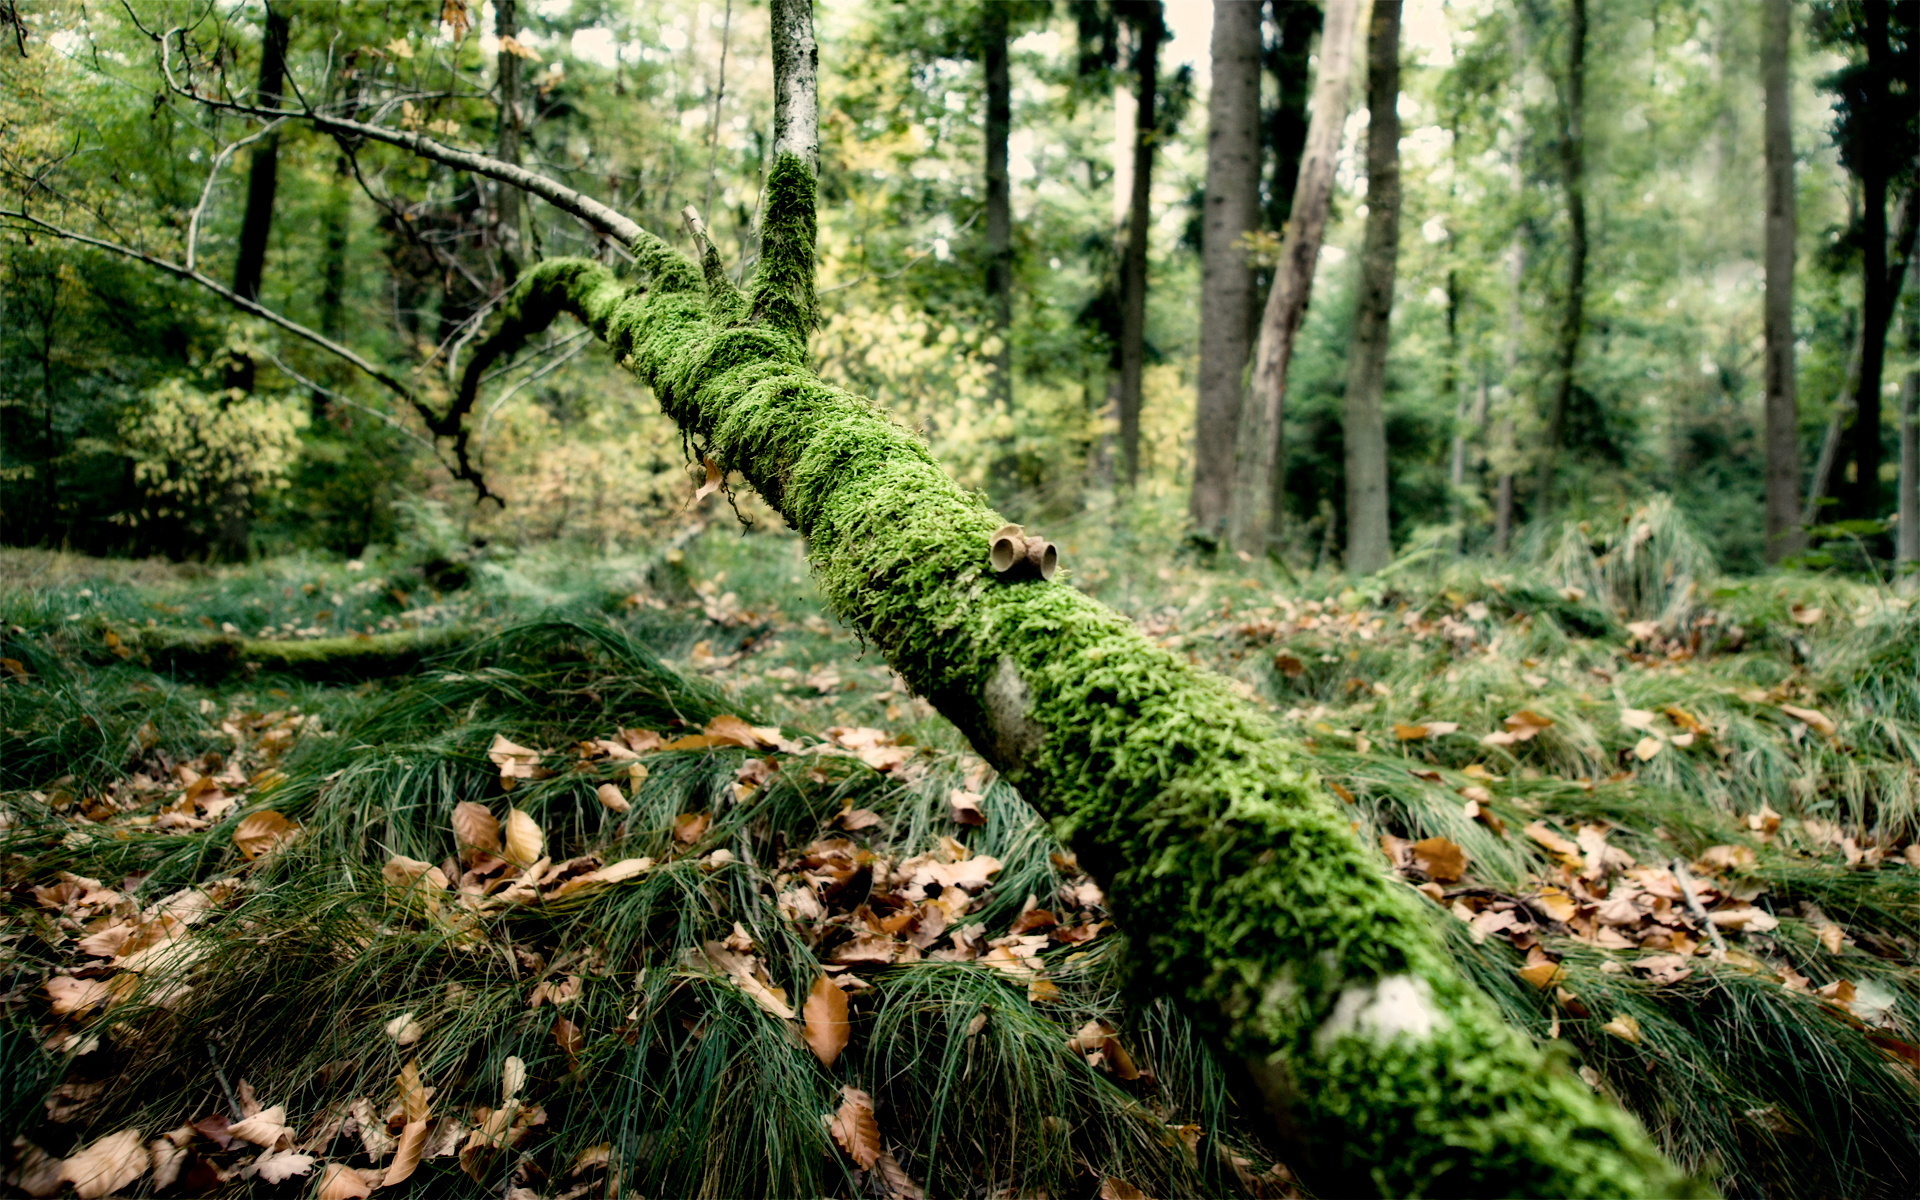 зелень лес деревья  № 1078786 бесплатно